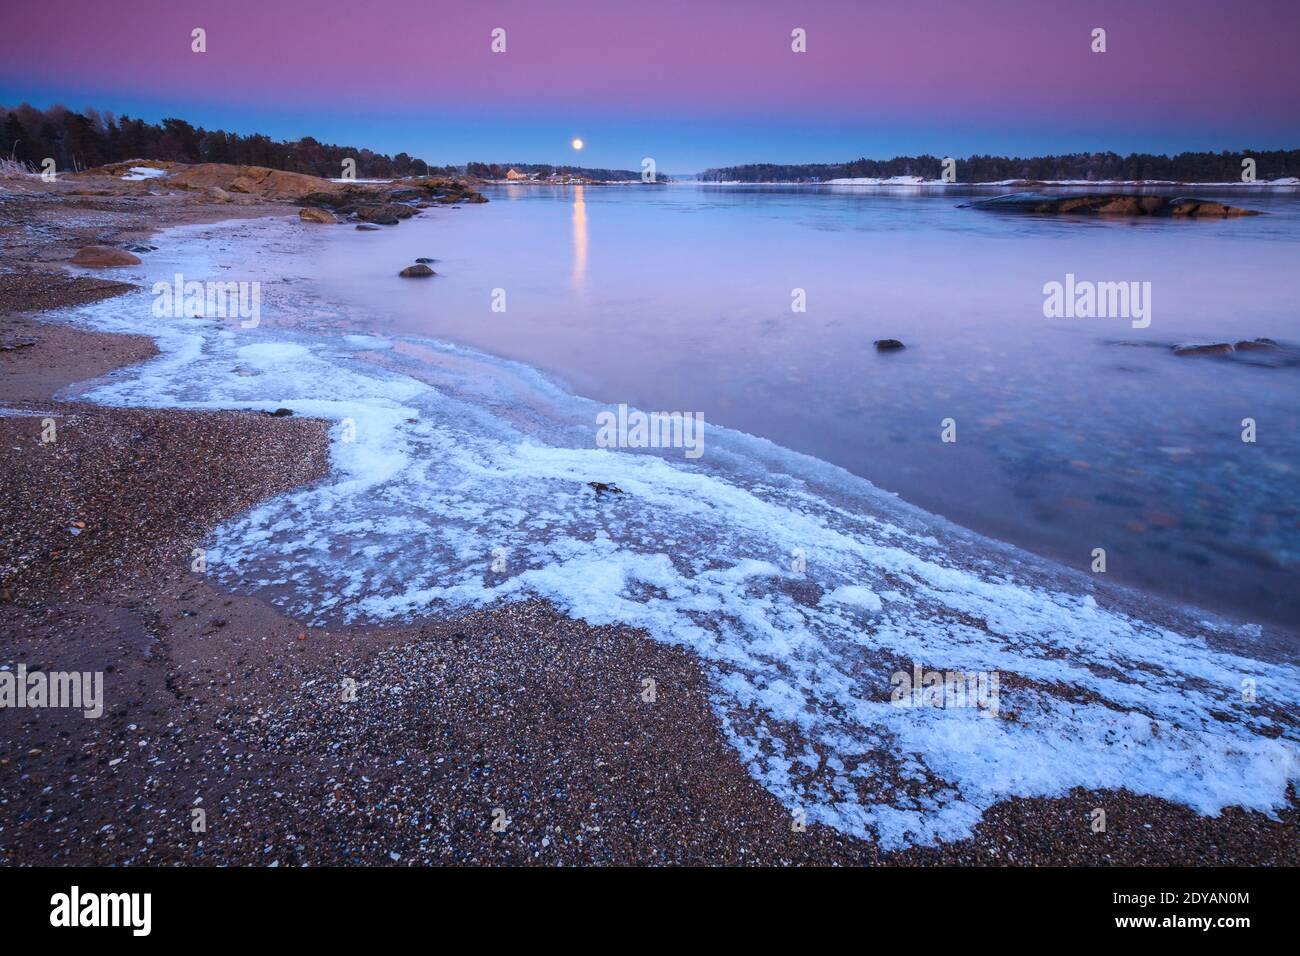 Schöner Winterabend mit Mondaufgang und Erdschatten, im Ofen in Råde, am Oslofjord, Østfold, Norwegen. Stockfoto